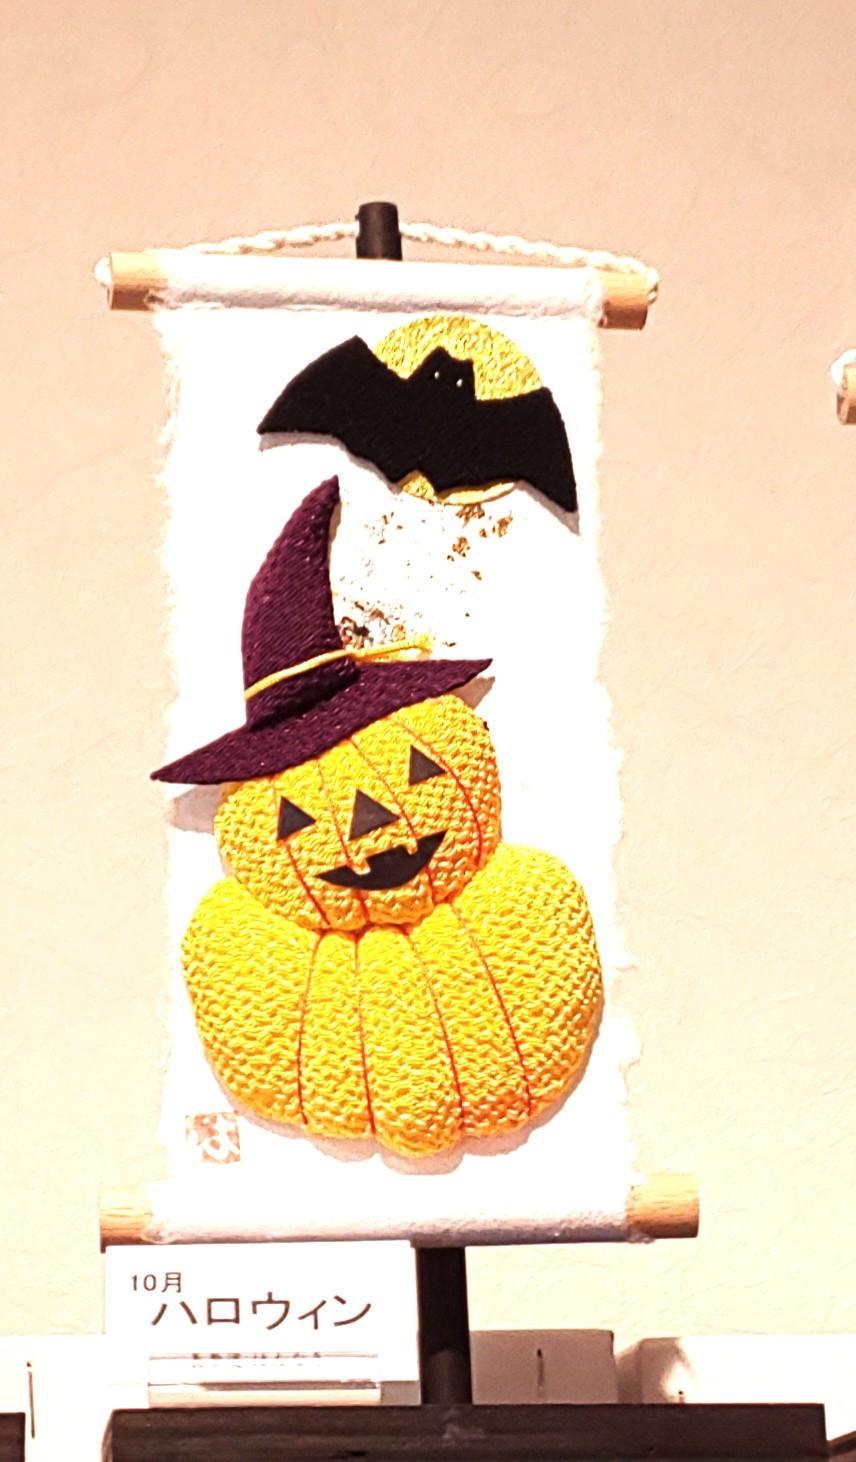 10月31日  「ハロウィンの日」_b0255824_17190212.jpg